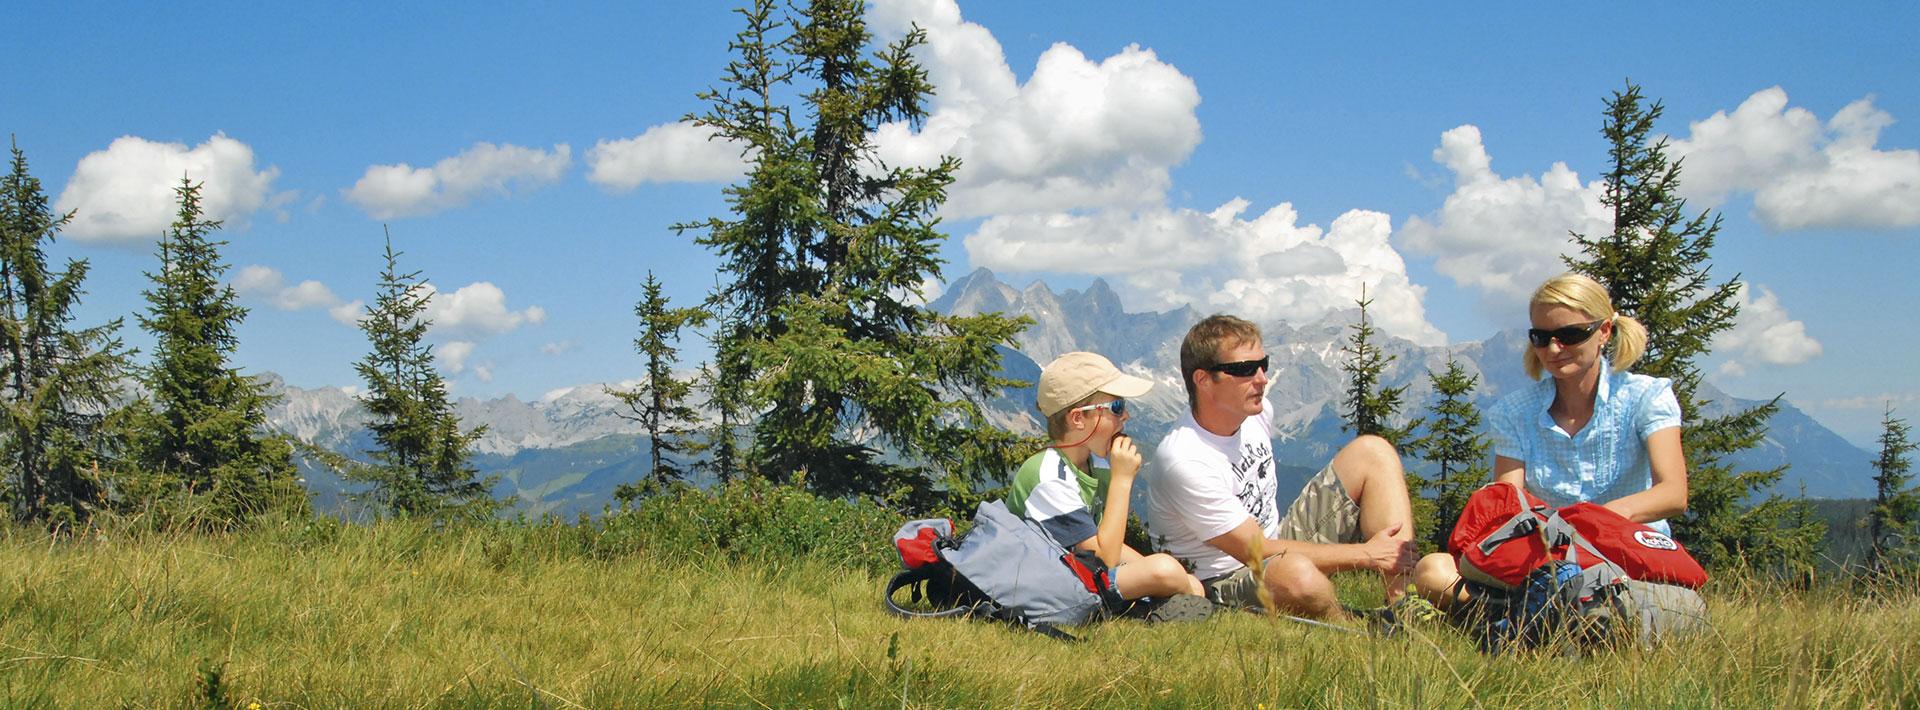 Sommerpauschalen & Wanderpauschalen im Ferienhaus Kössler in Radstadt, Salzburger Sportwelt